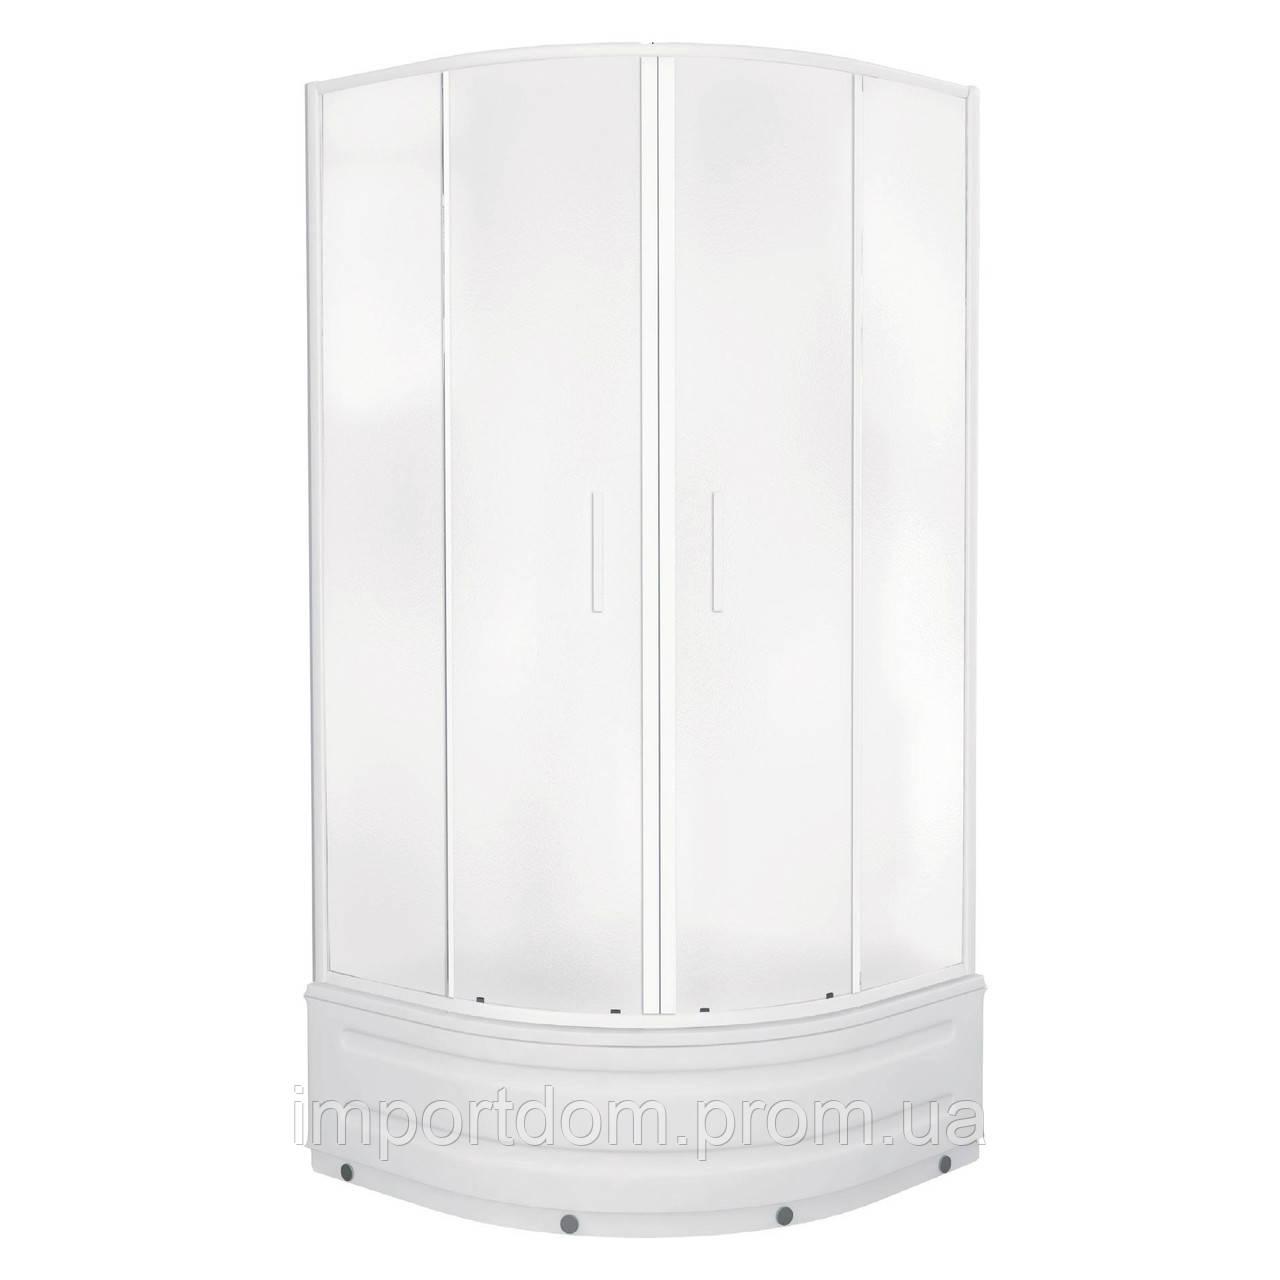 """TISZA MELY душова кабіна 90*90*200 см, на глибокому піддоні, профіль білий, скло """"Zuzmara"""""""